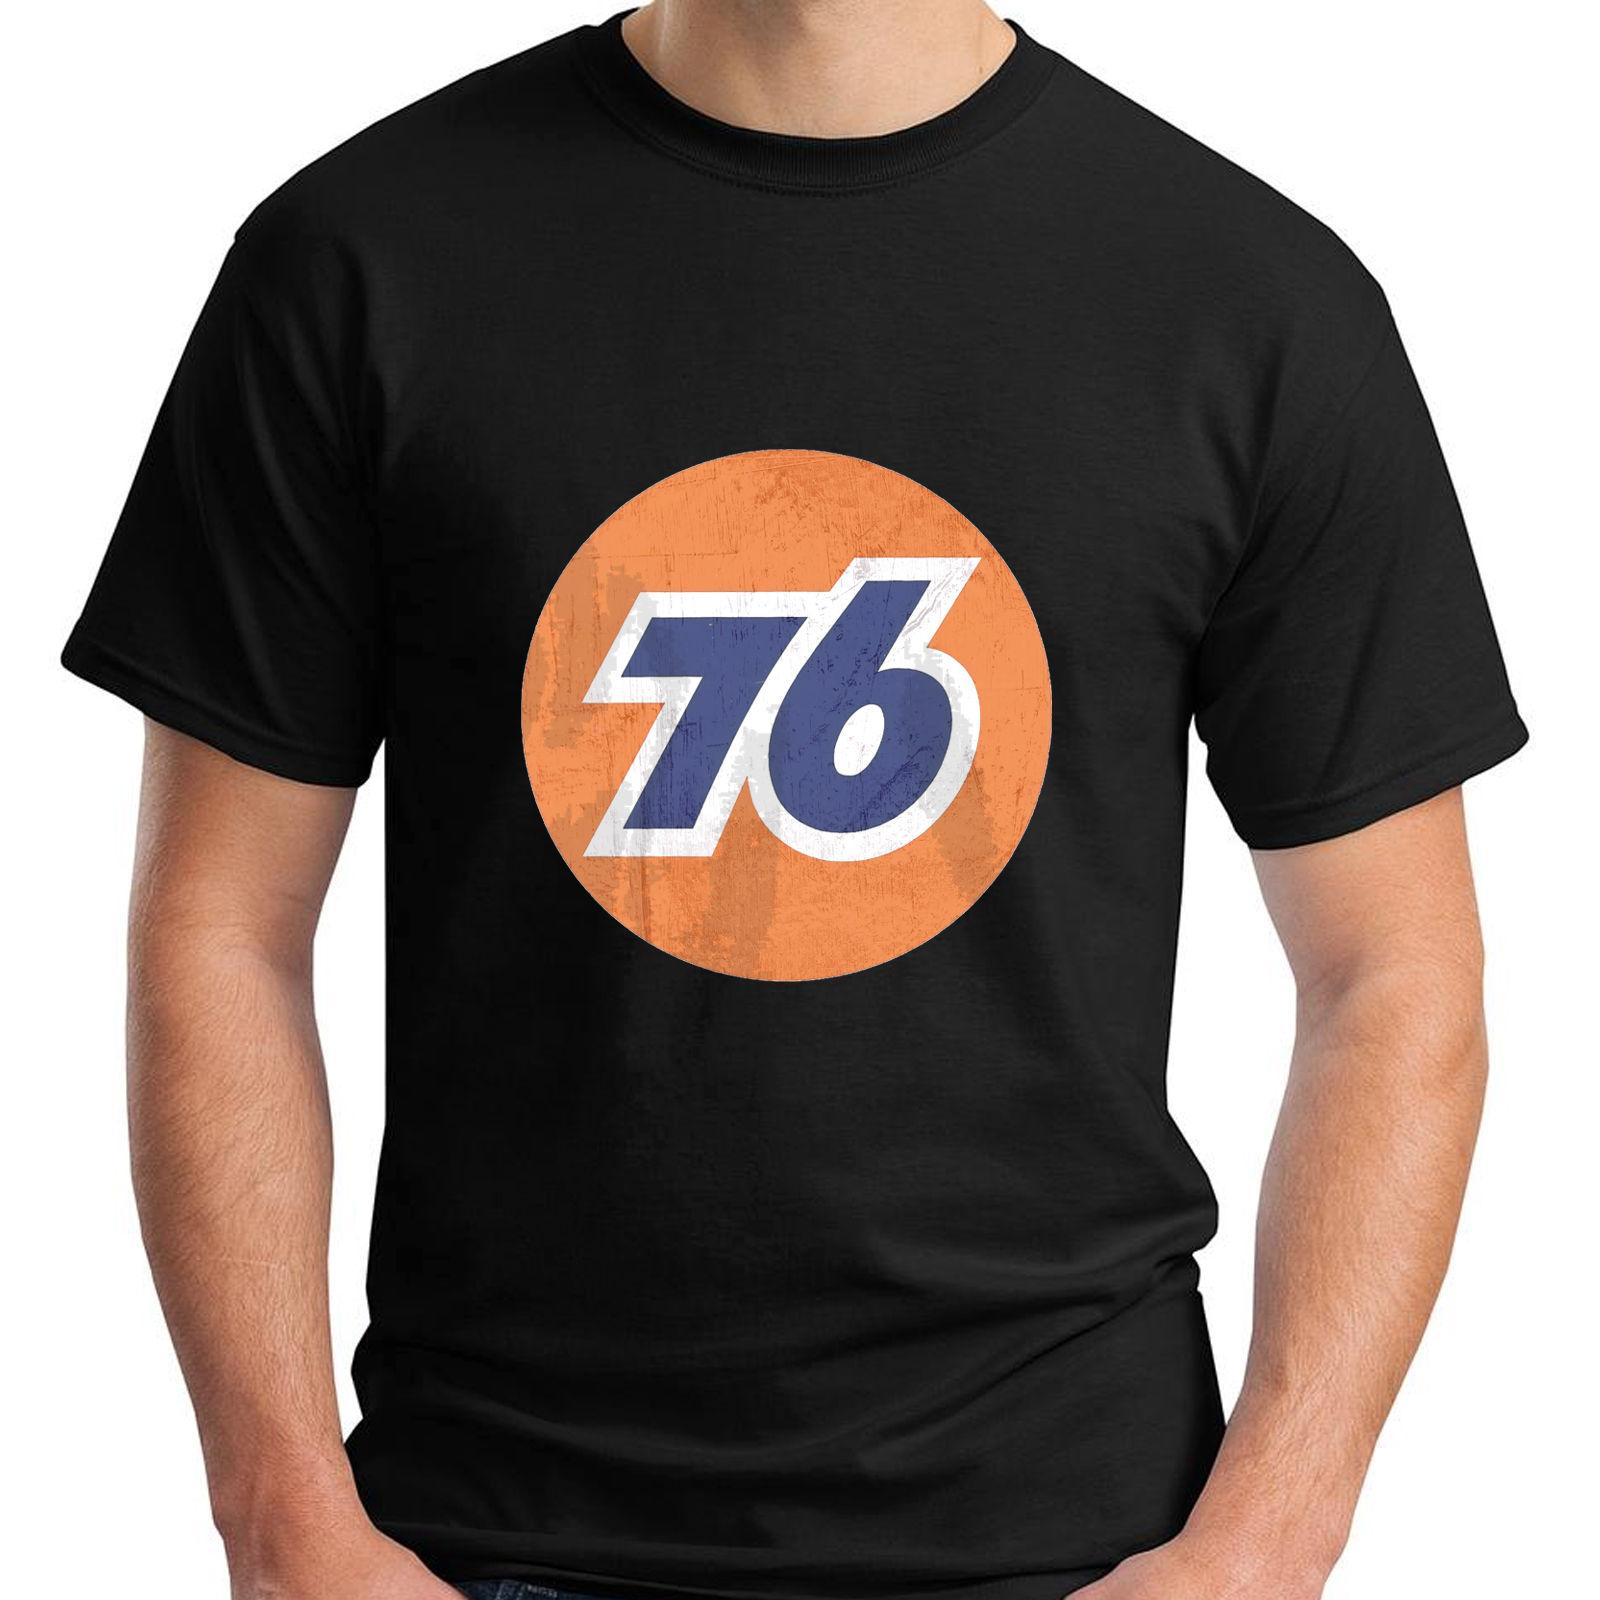 Compra camisas de carreras de autos online al por mayor de